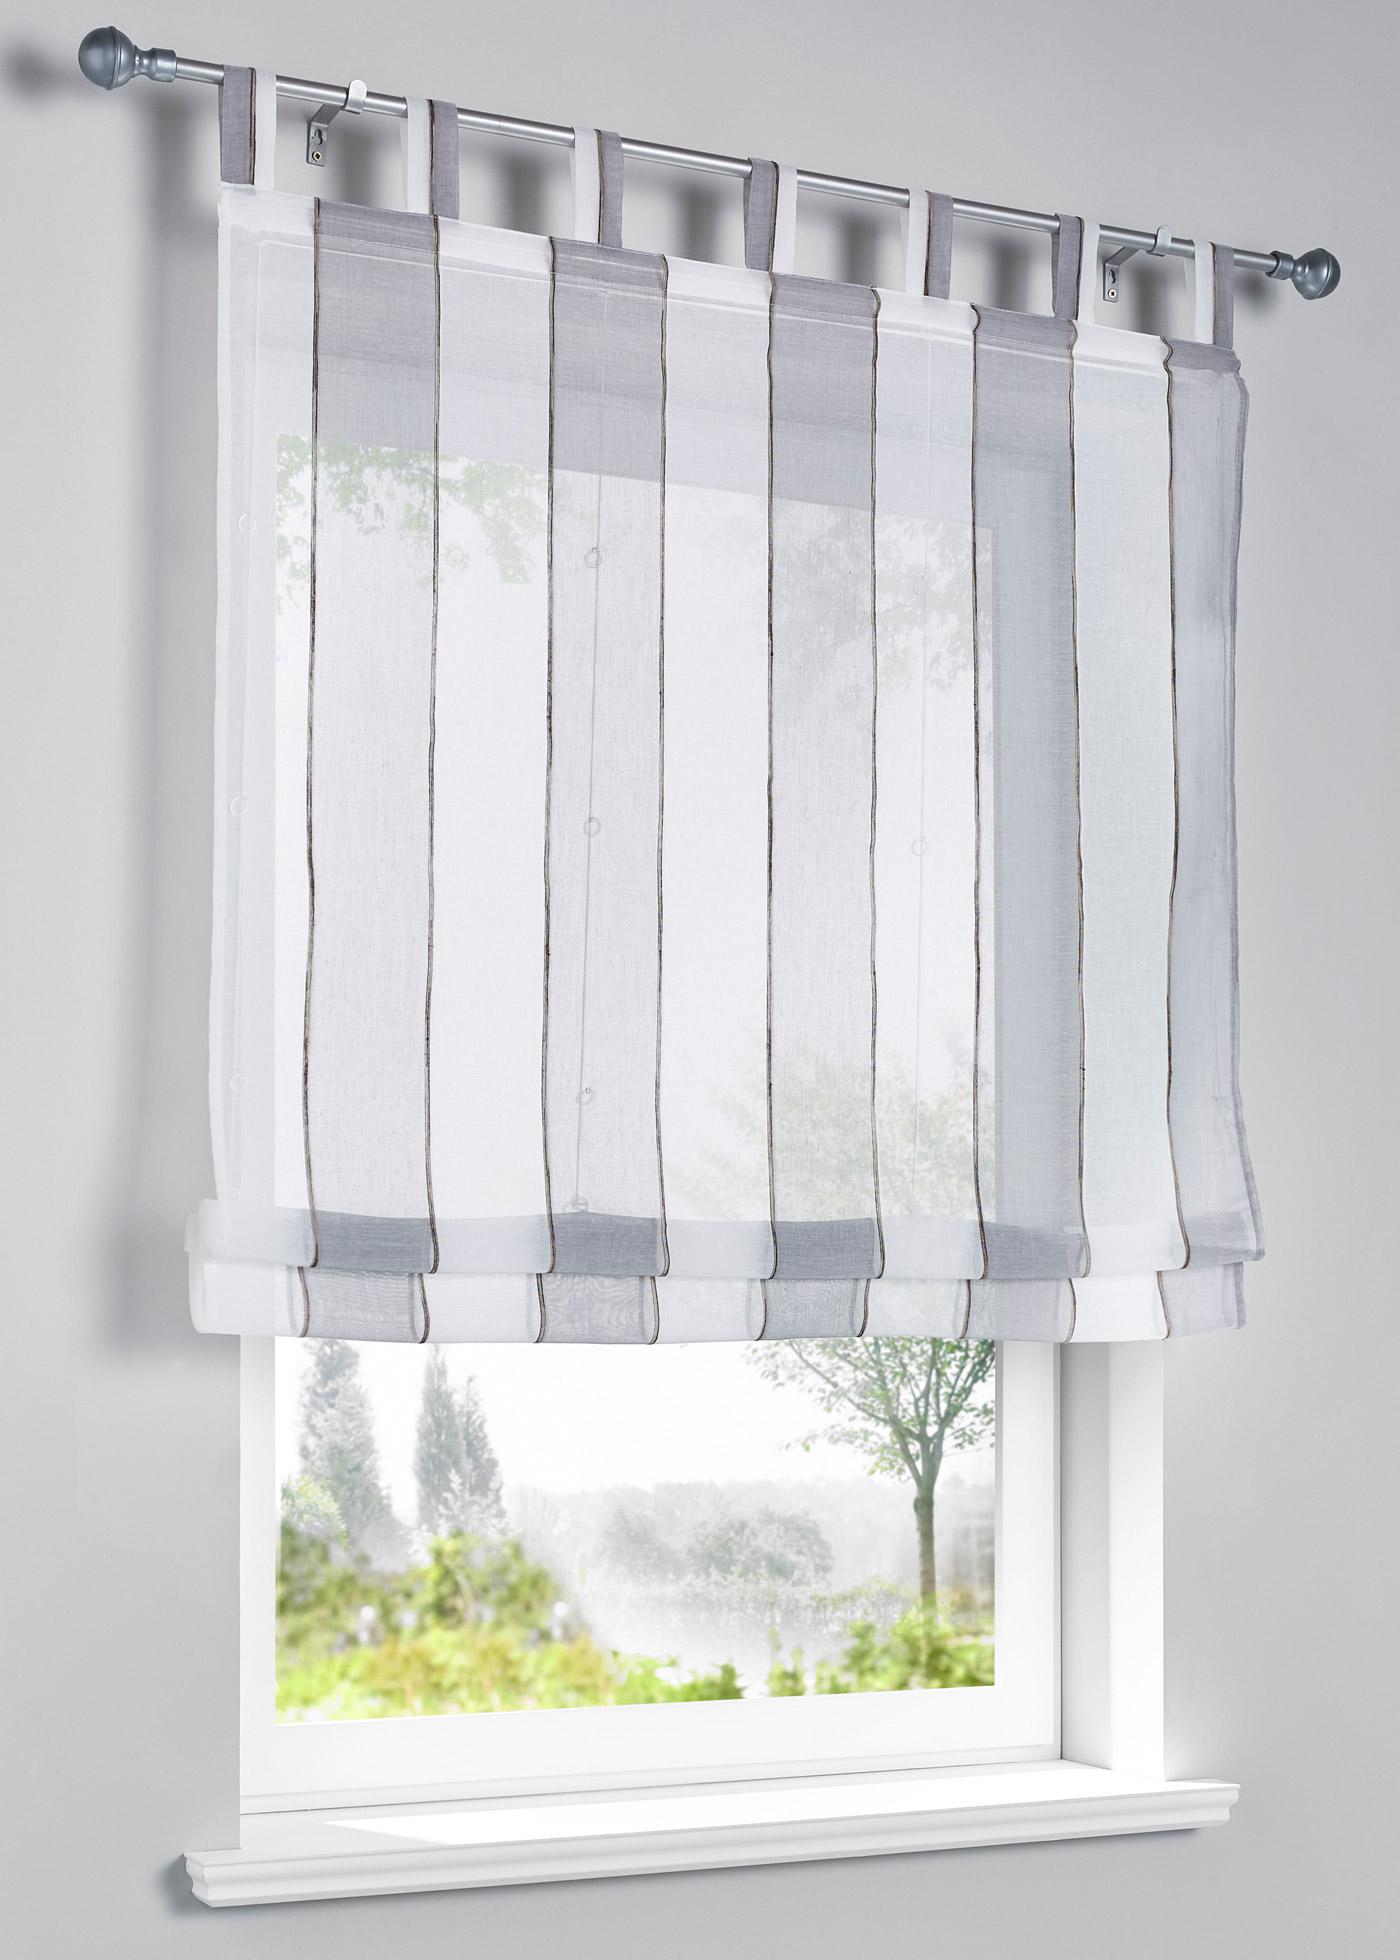 Semi-transparent, dimensions = dimensions du tissu.